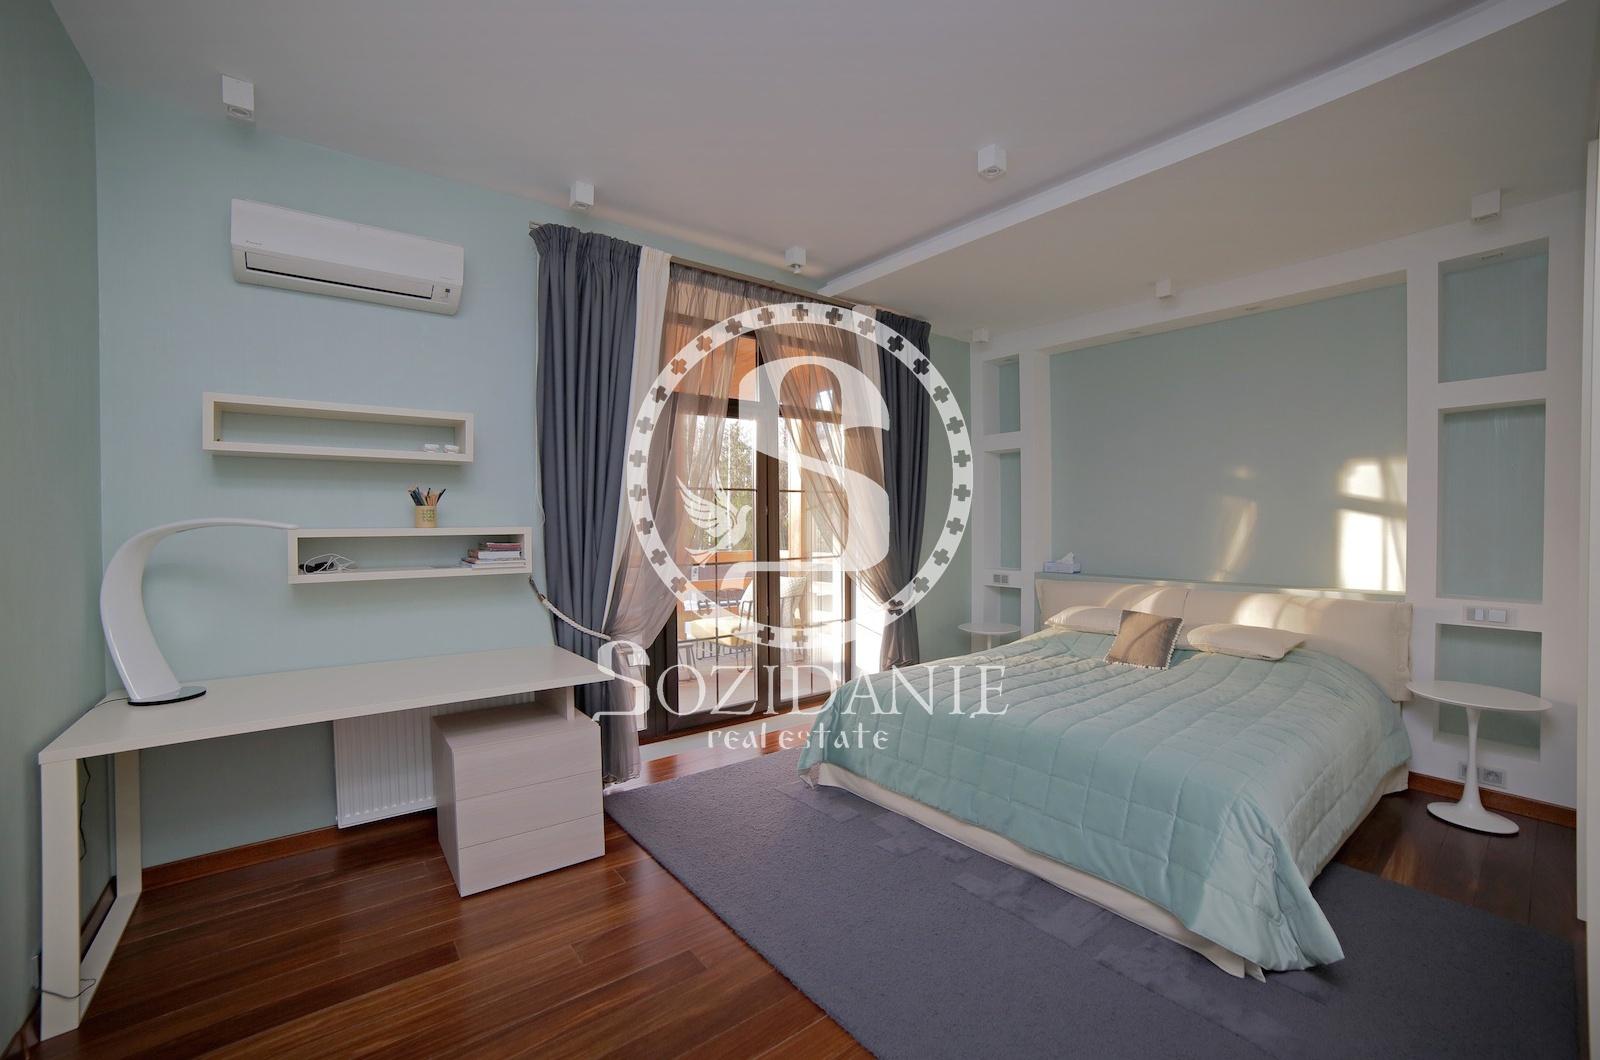 5 Bedrooms, Загородная, Продажа, Listing ID 1351, Московская область, Россия,